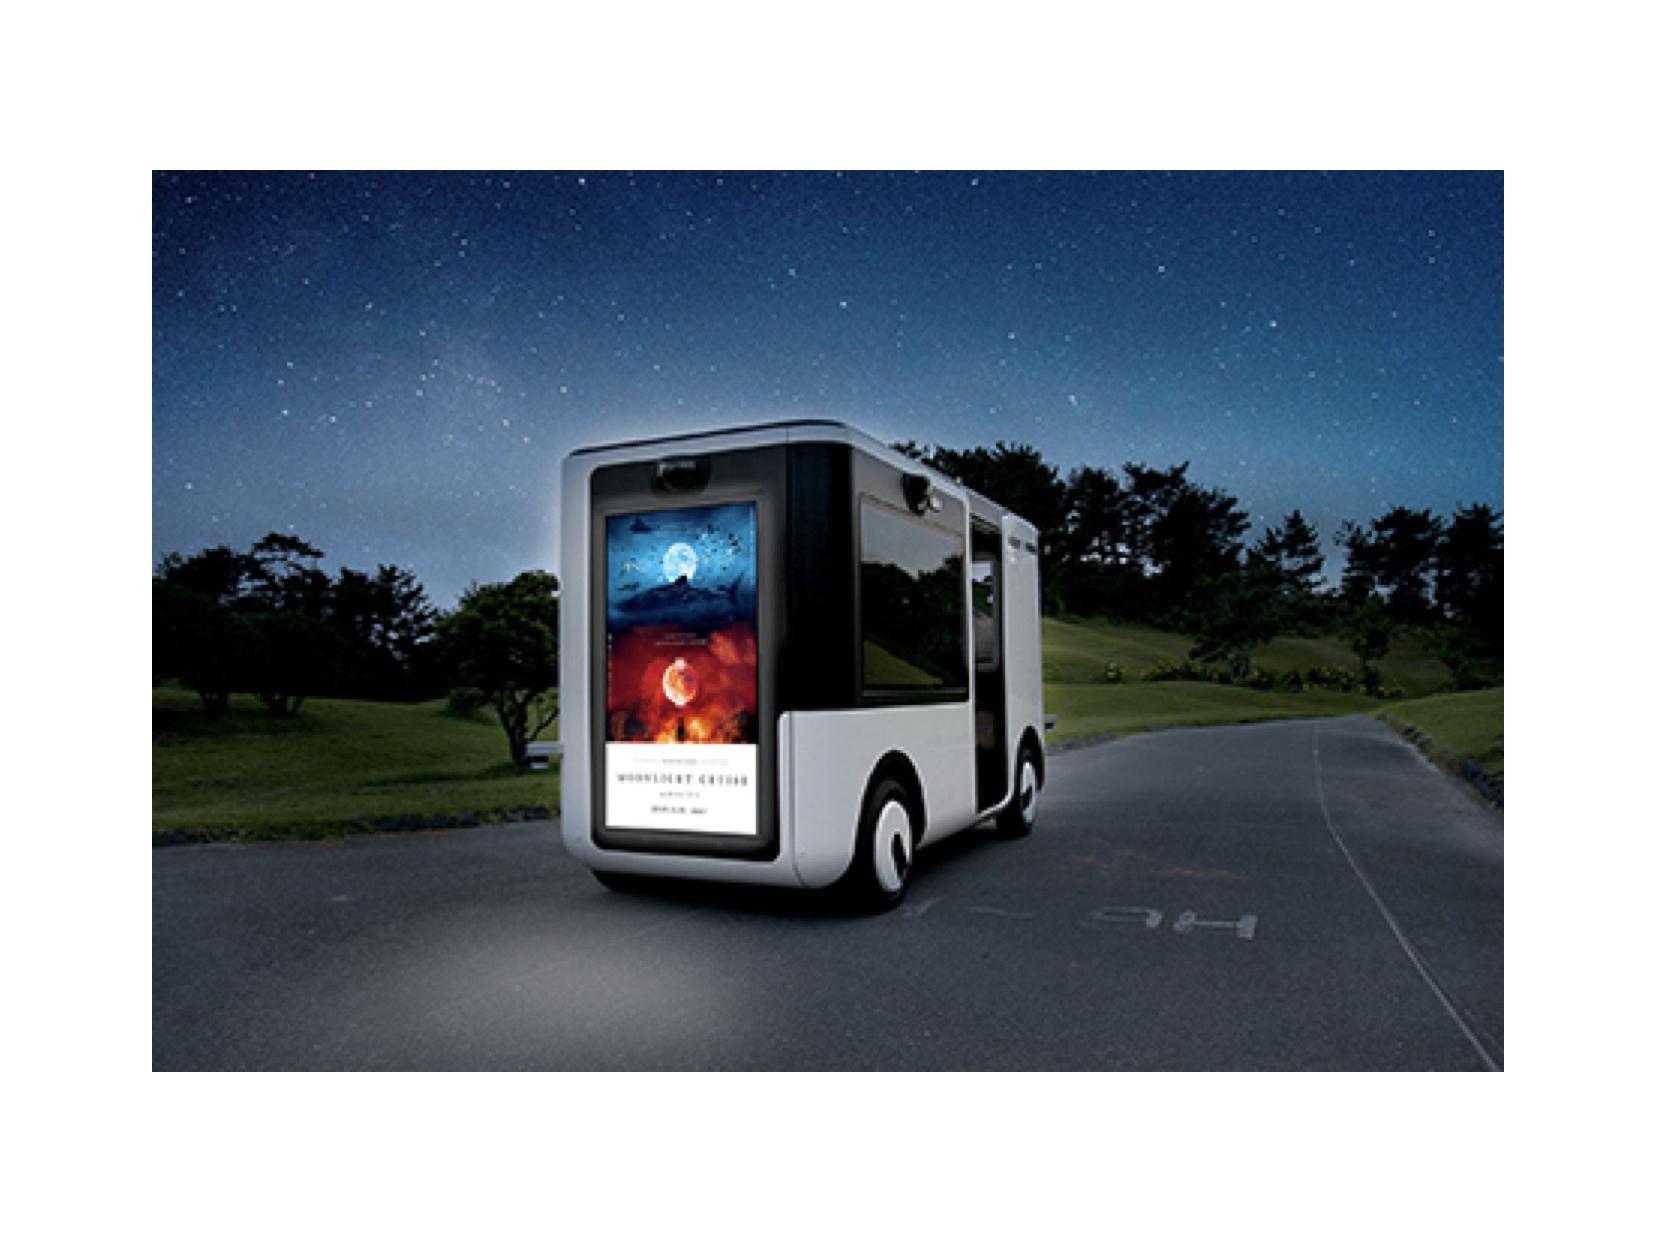 ヤマハ×ソニー|共同開発したエンターテインメント用車両「SC-1」のサービスを沖縄で開始